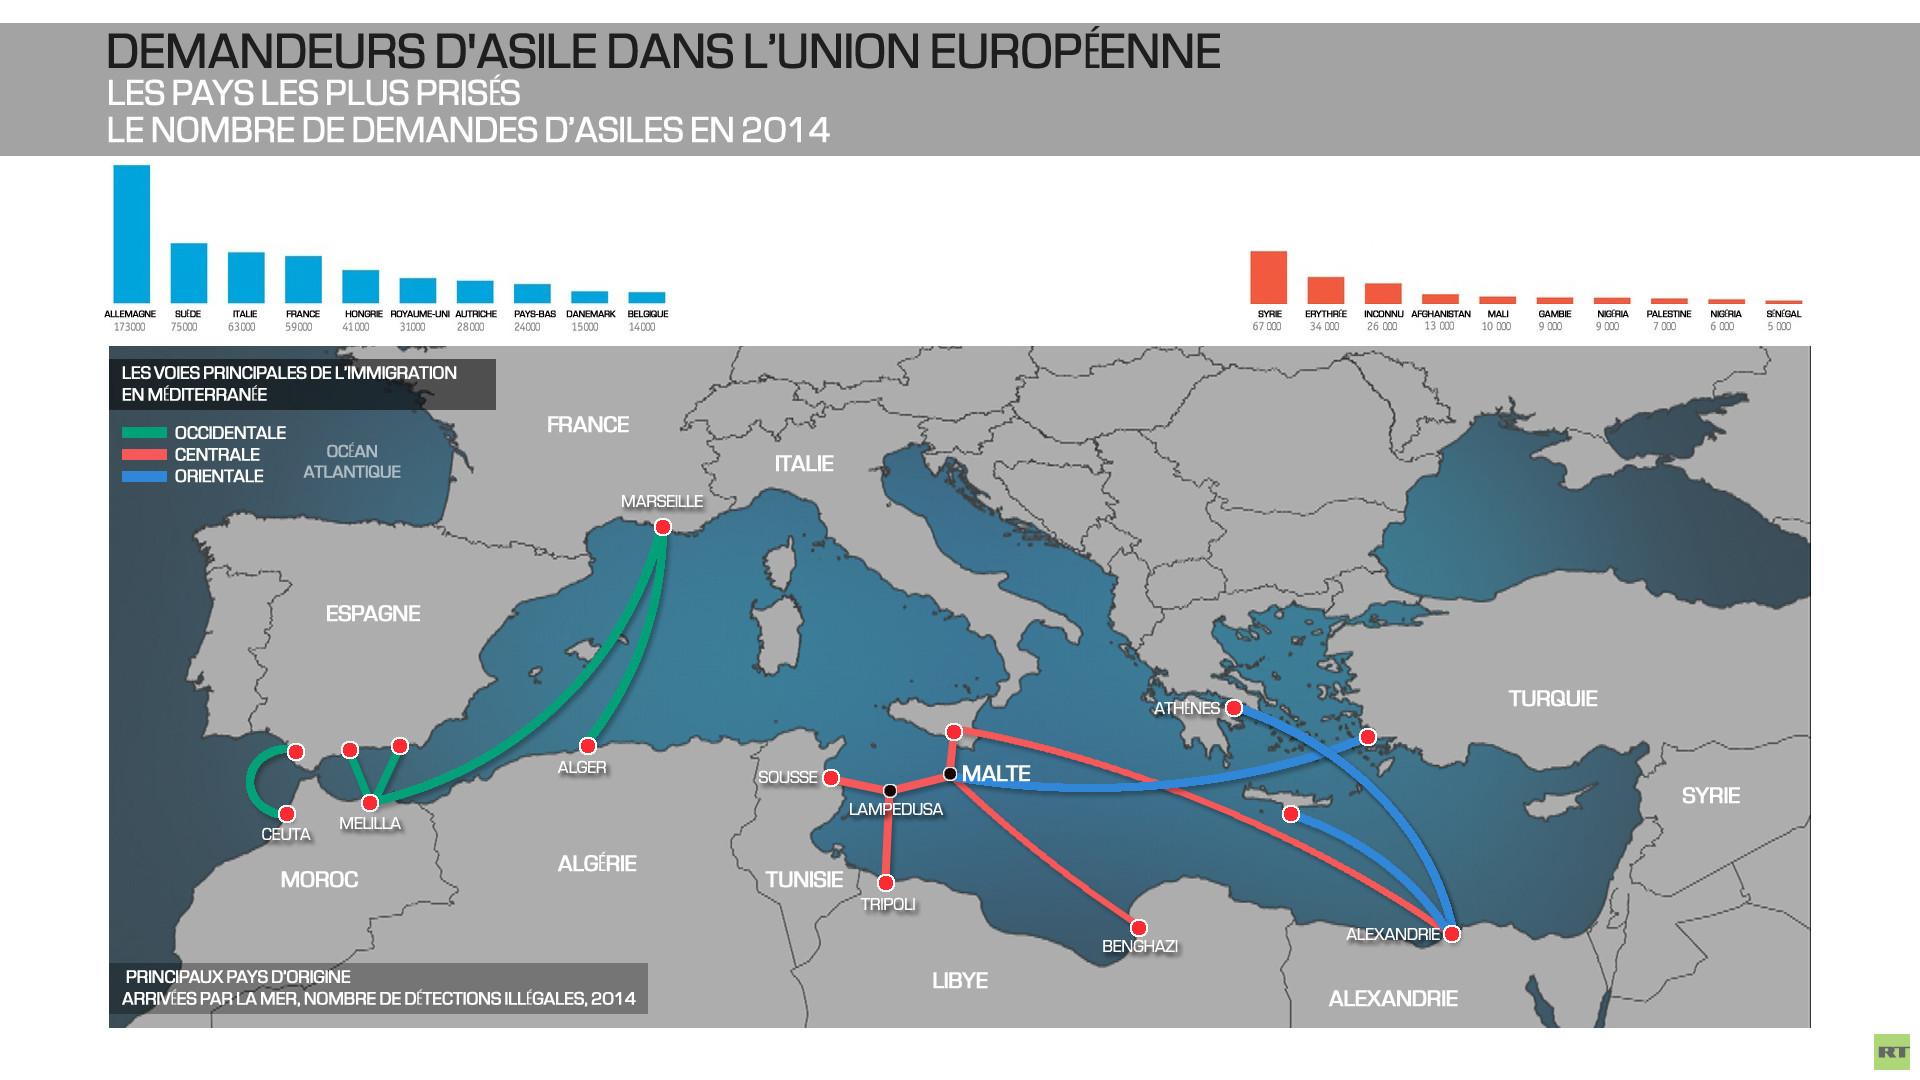 Demandeurs d'asile dans l'Union européenne